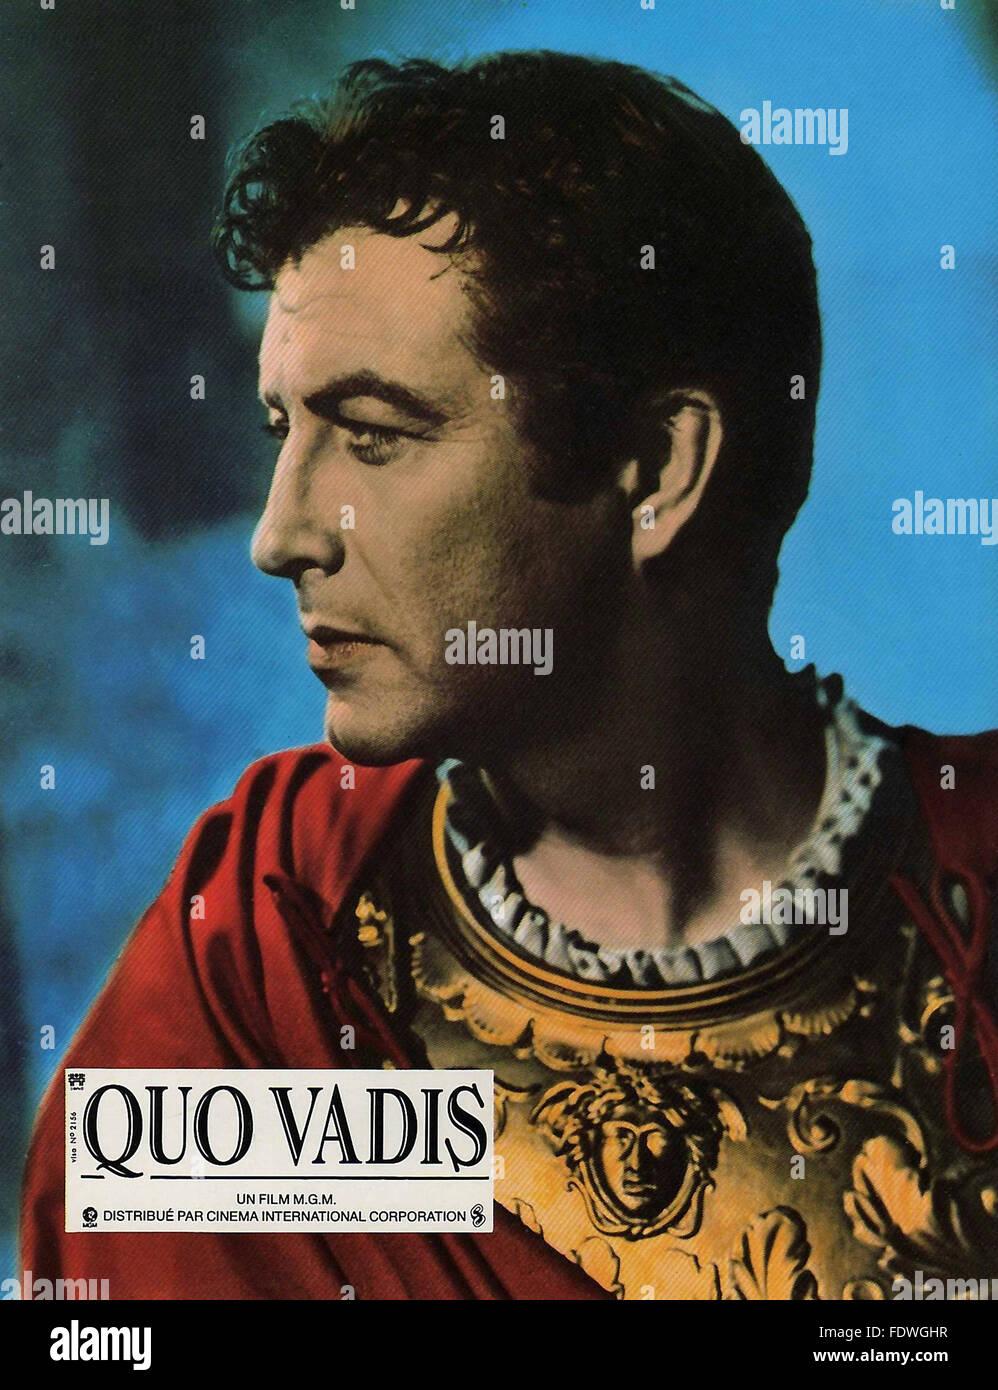 quo vadis 1951 french